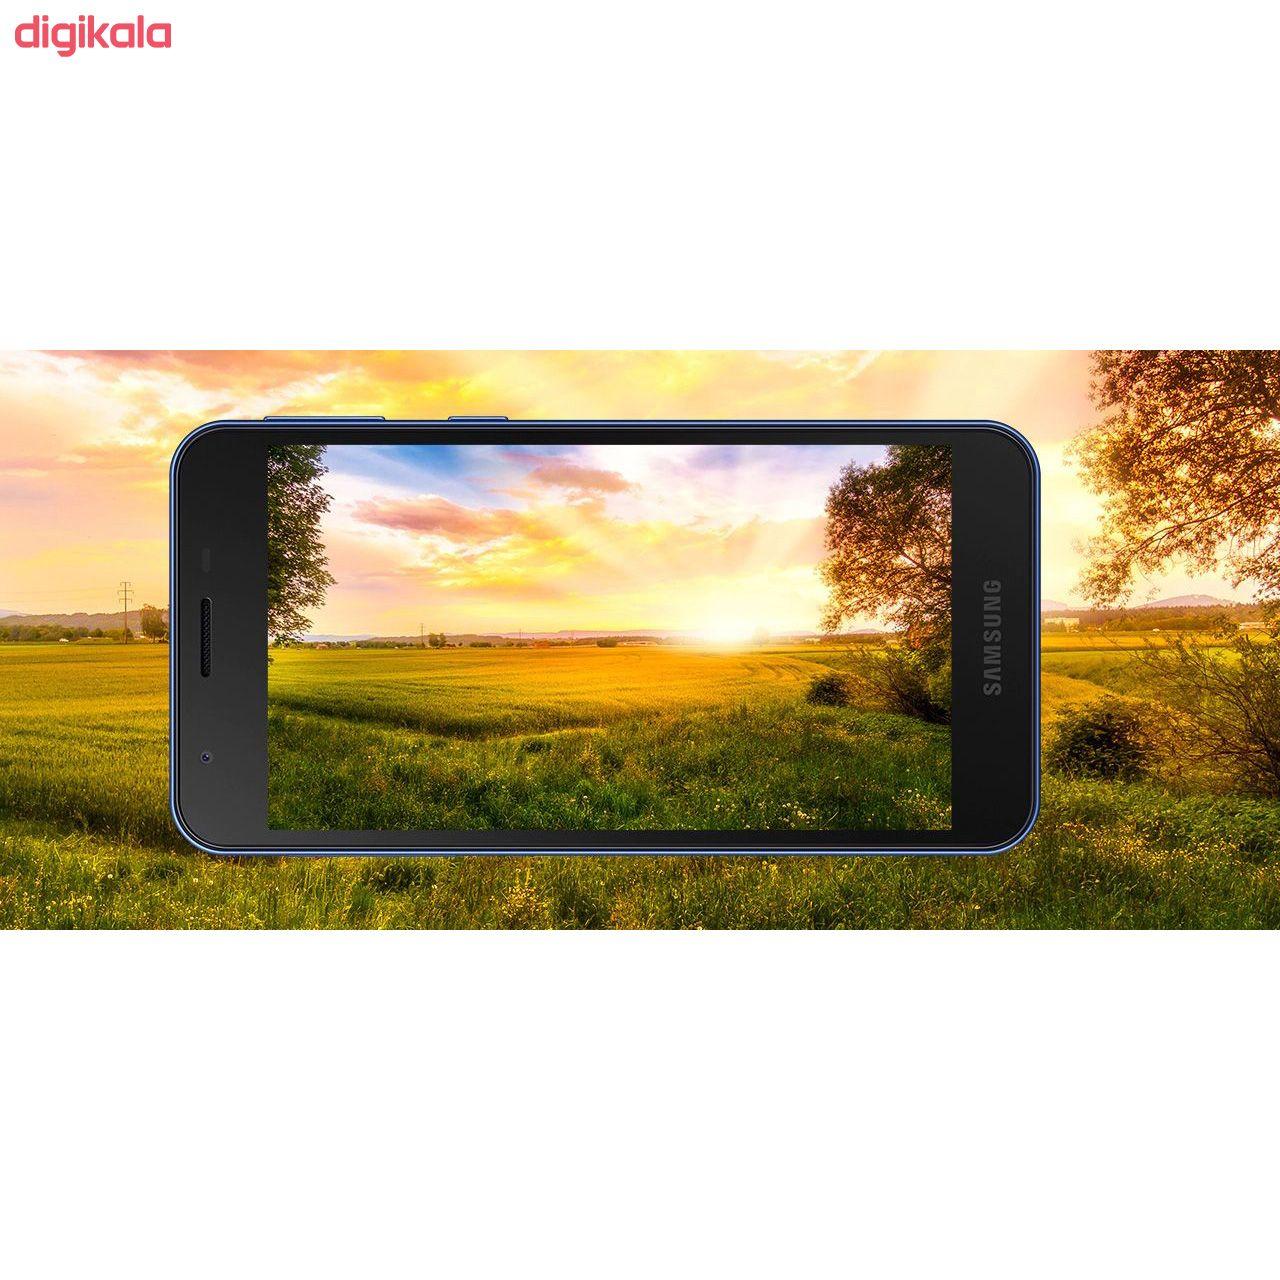 گوشی موبایل سامسونگ مدل GALAXY A2 CORE SM-A260F/DS دو سیم کارت ظرفیت 8 گیگابایت و 1 گیگابایت رم